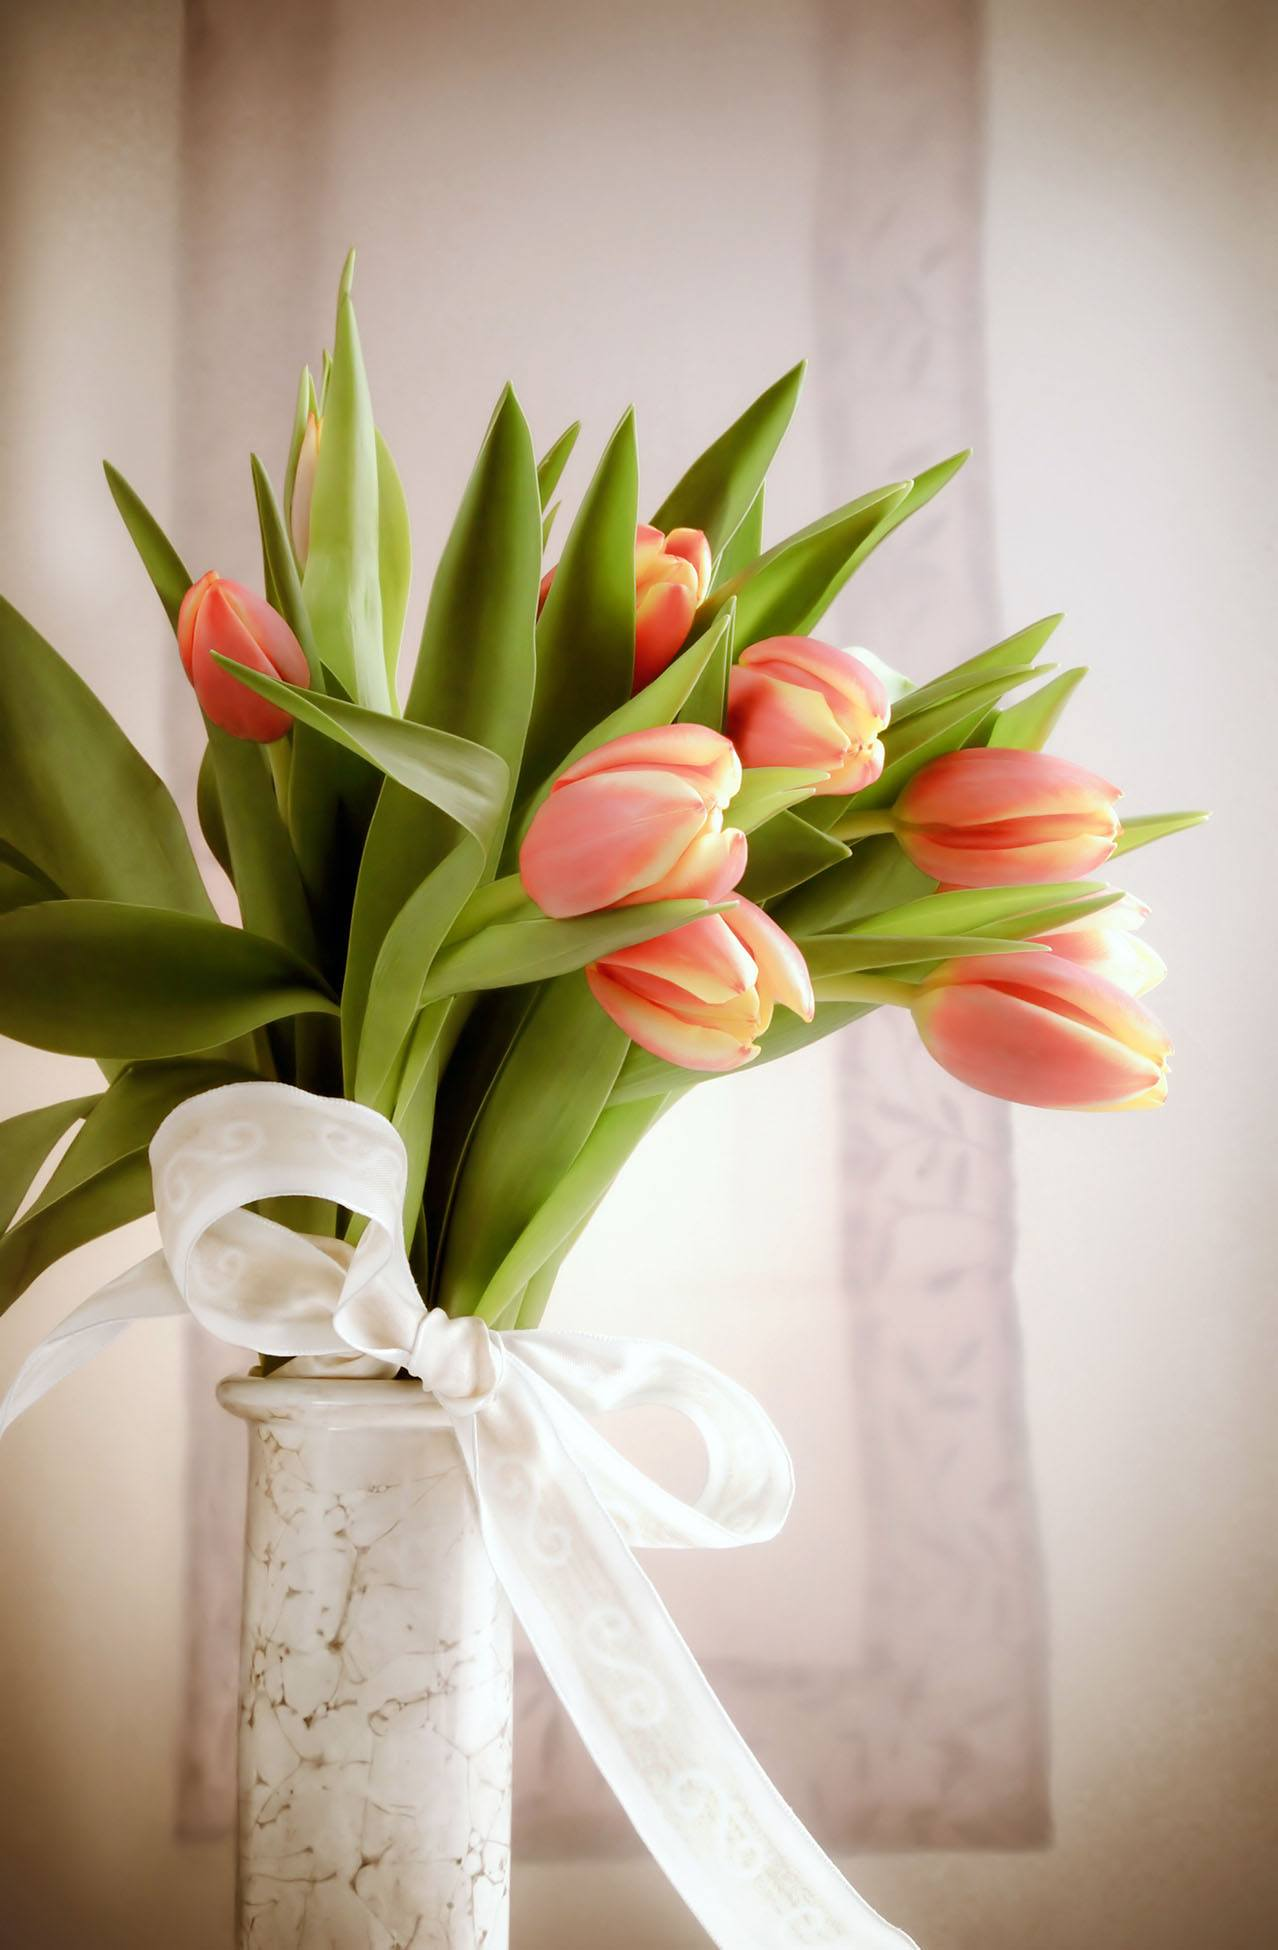 Oranžová kytice tulipánů